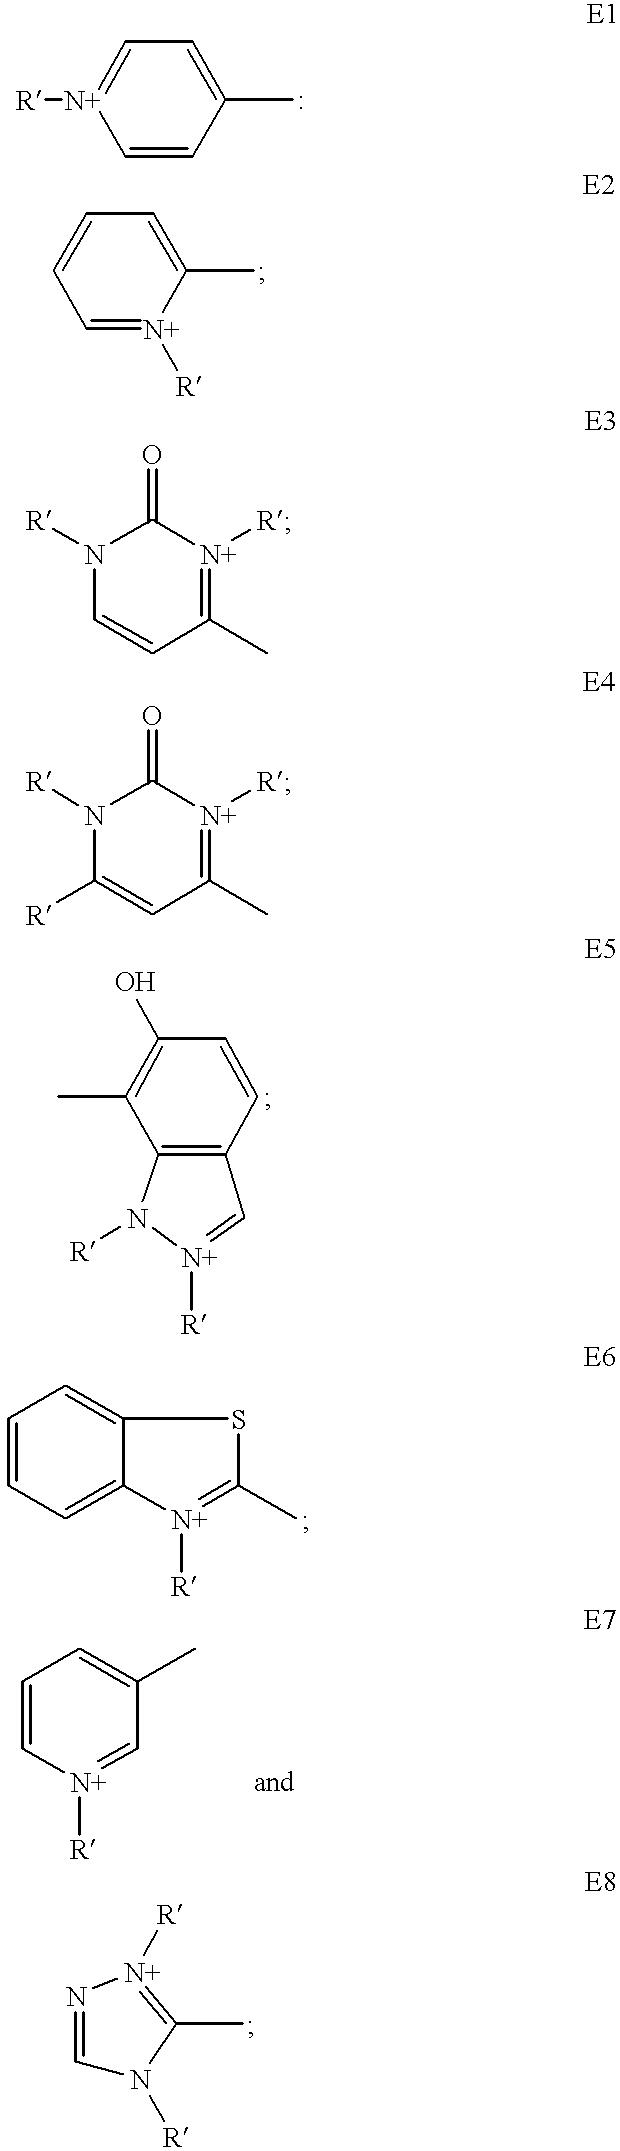 Figure US20020046432A1-20020425-C00024